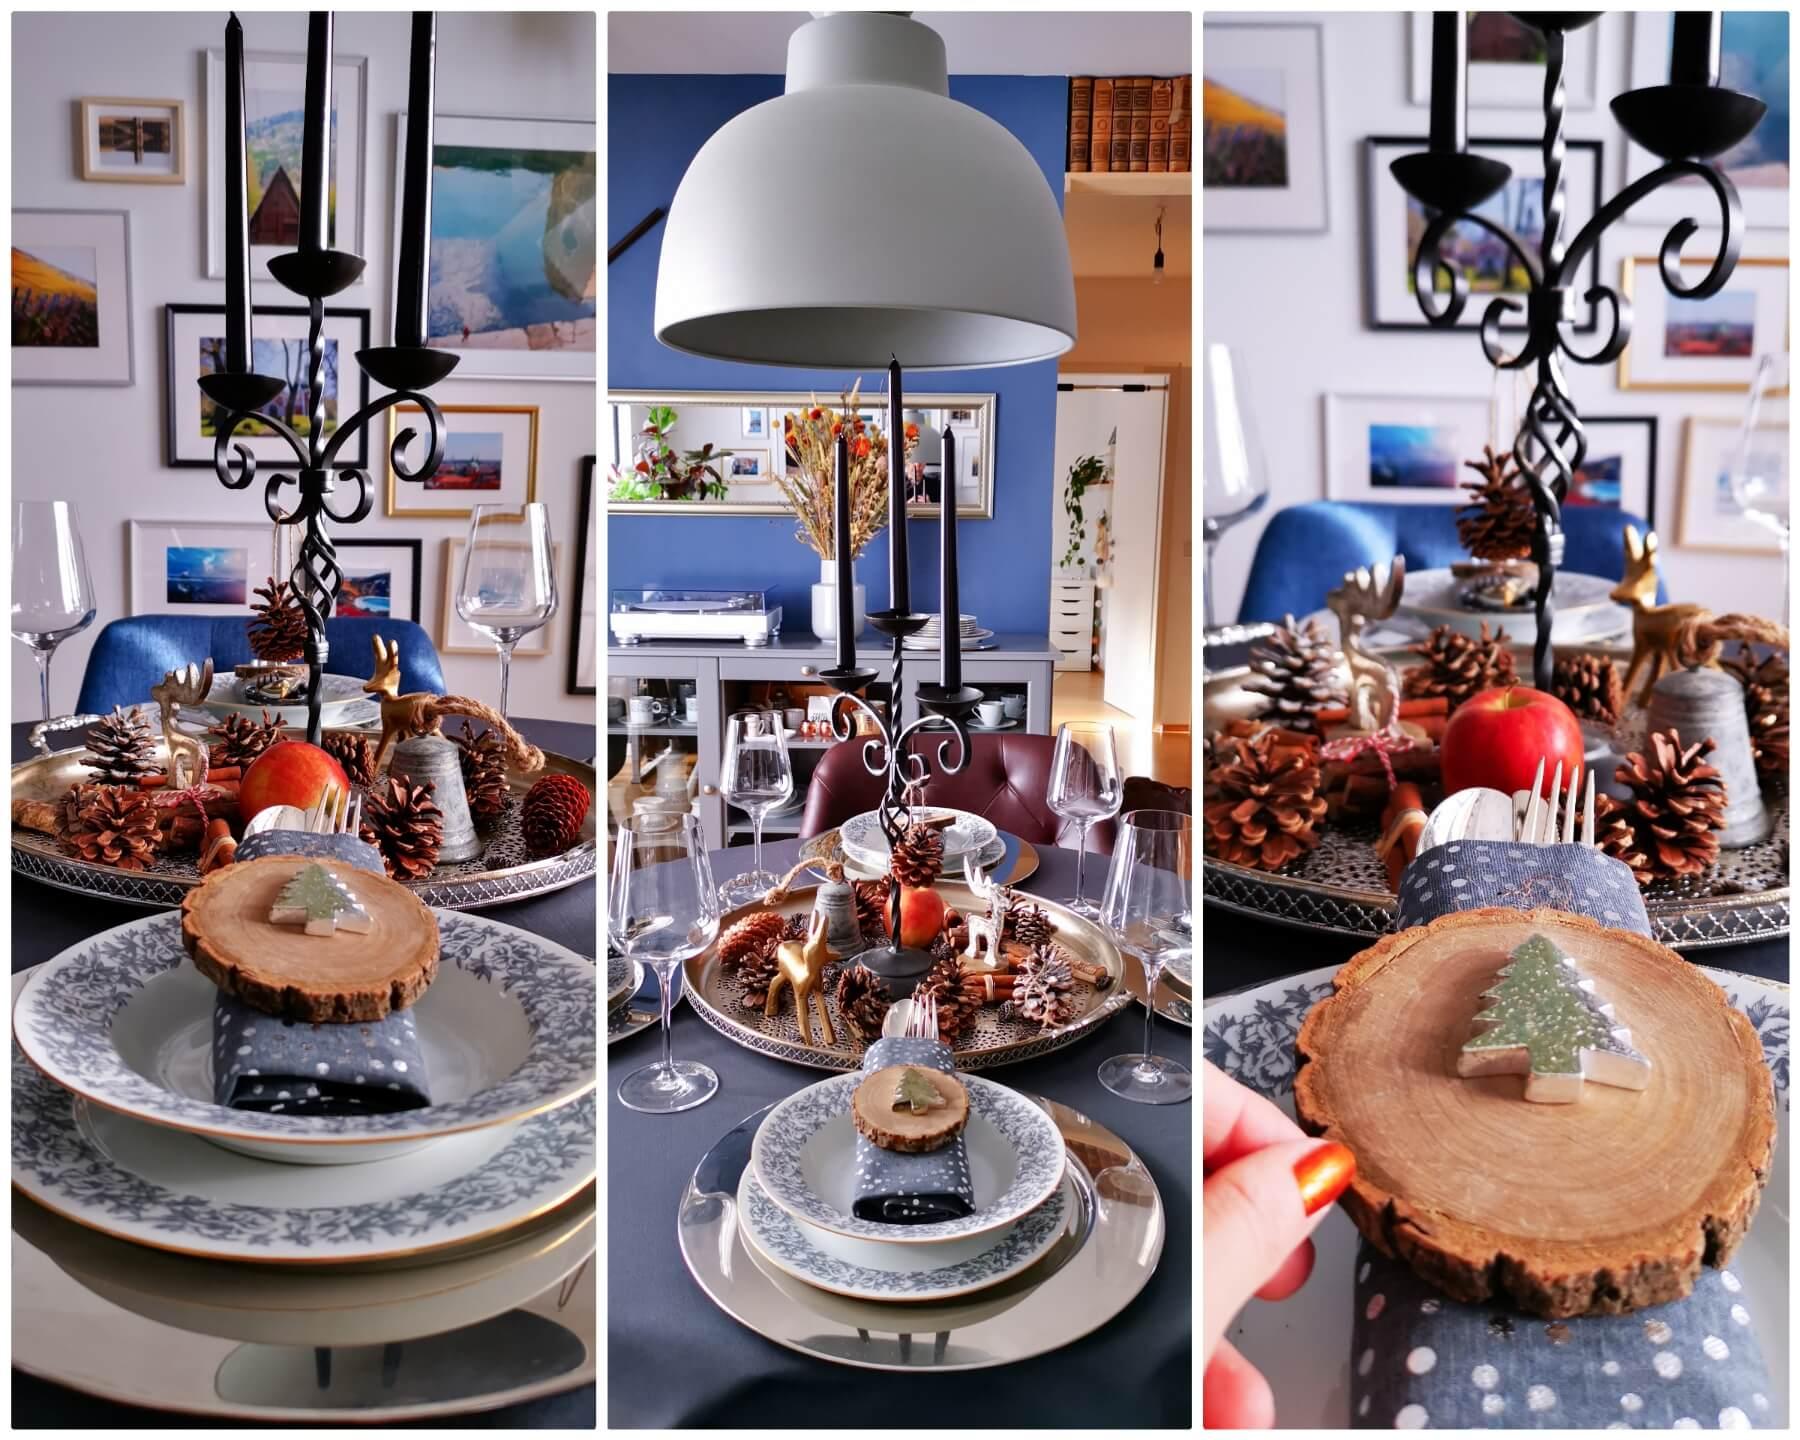 inCollage 20191201 205053432 resized 20191201 085110169 - Inšpirácia na krásne vyzdobený vianočný stôl